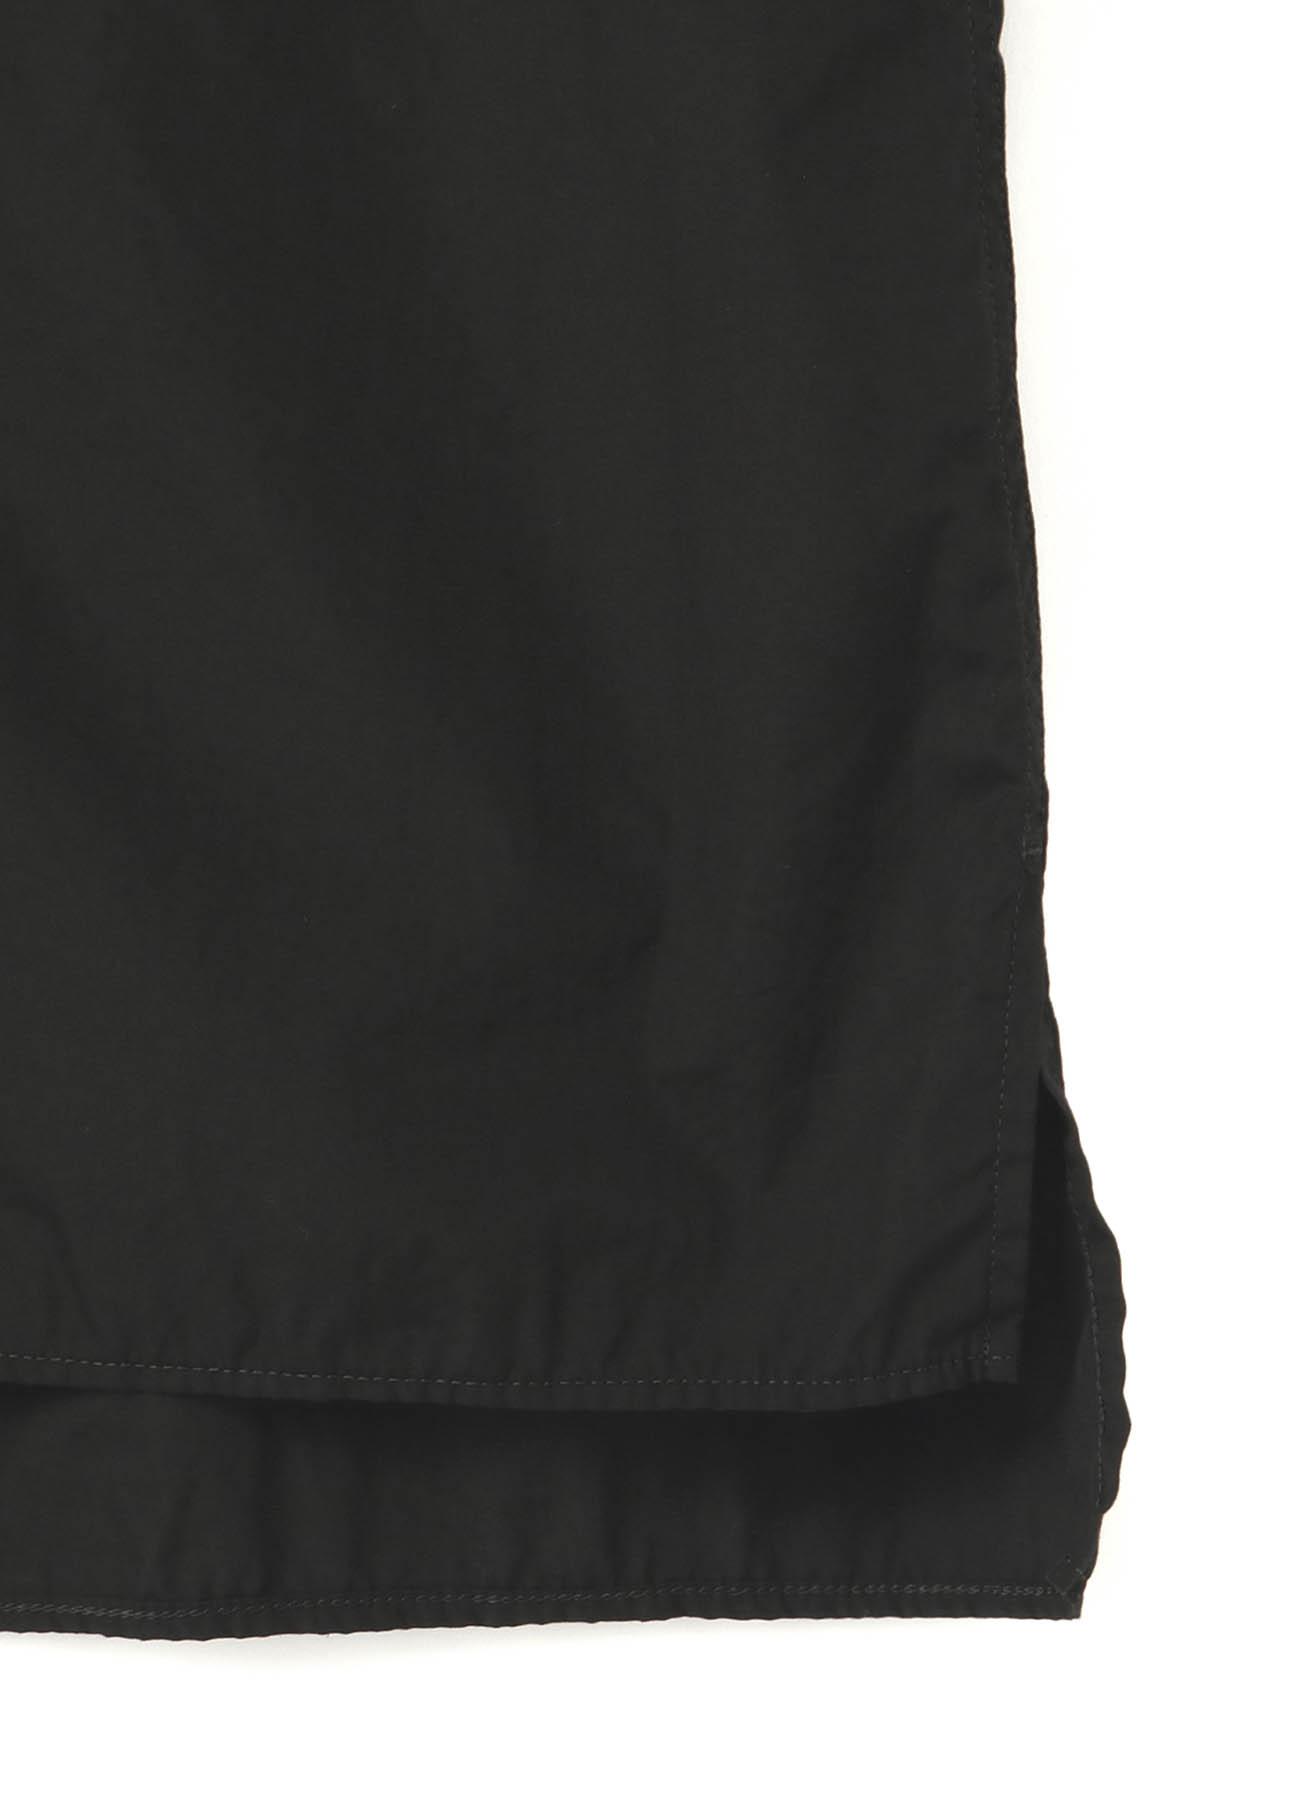 環縫いブロード 台衿ロングカラーブラウス